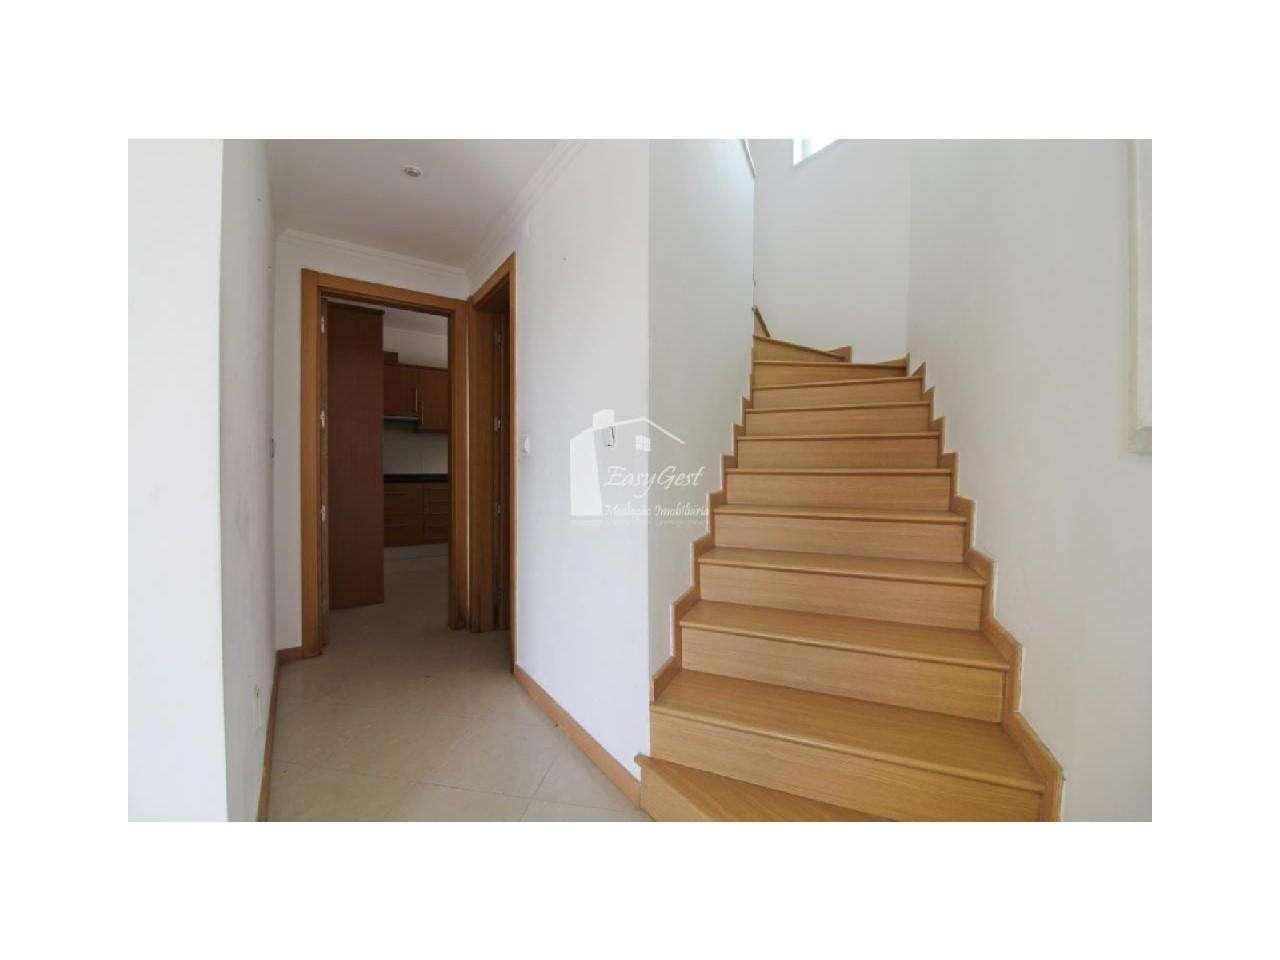 Apartamento para comprar, Fernão Ferro, Setúbal - Foto 7